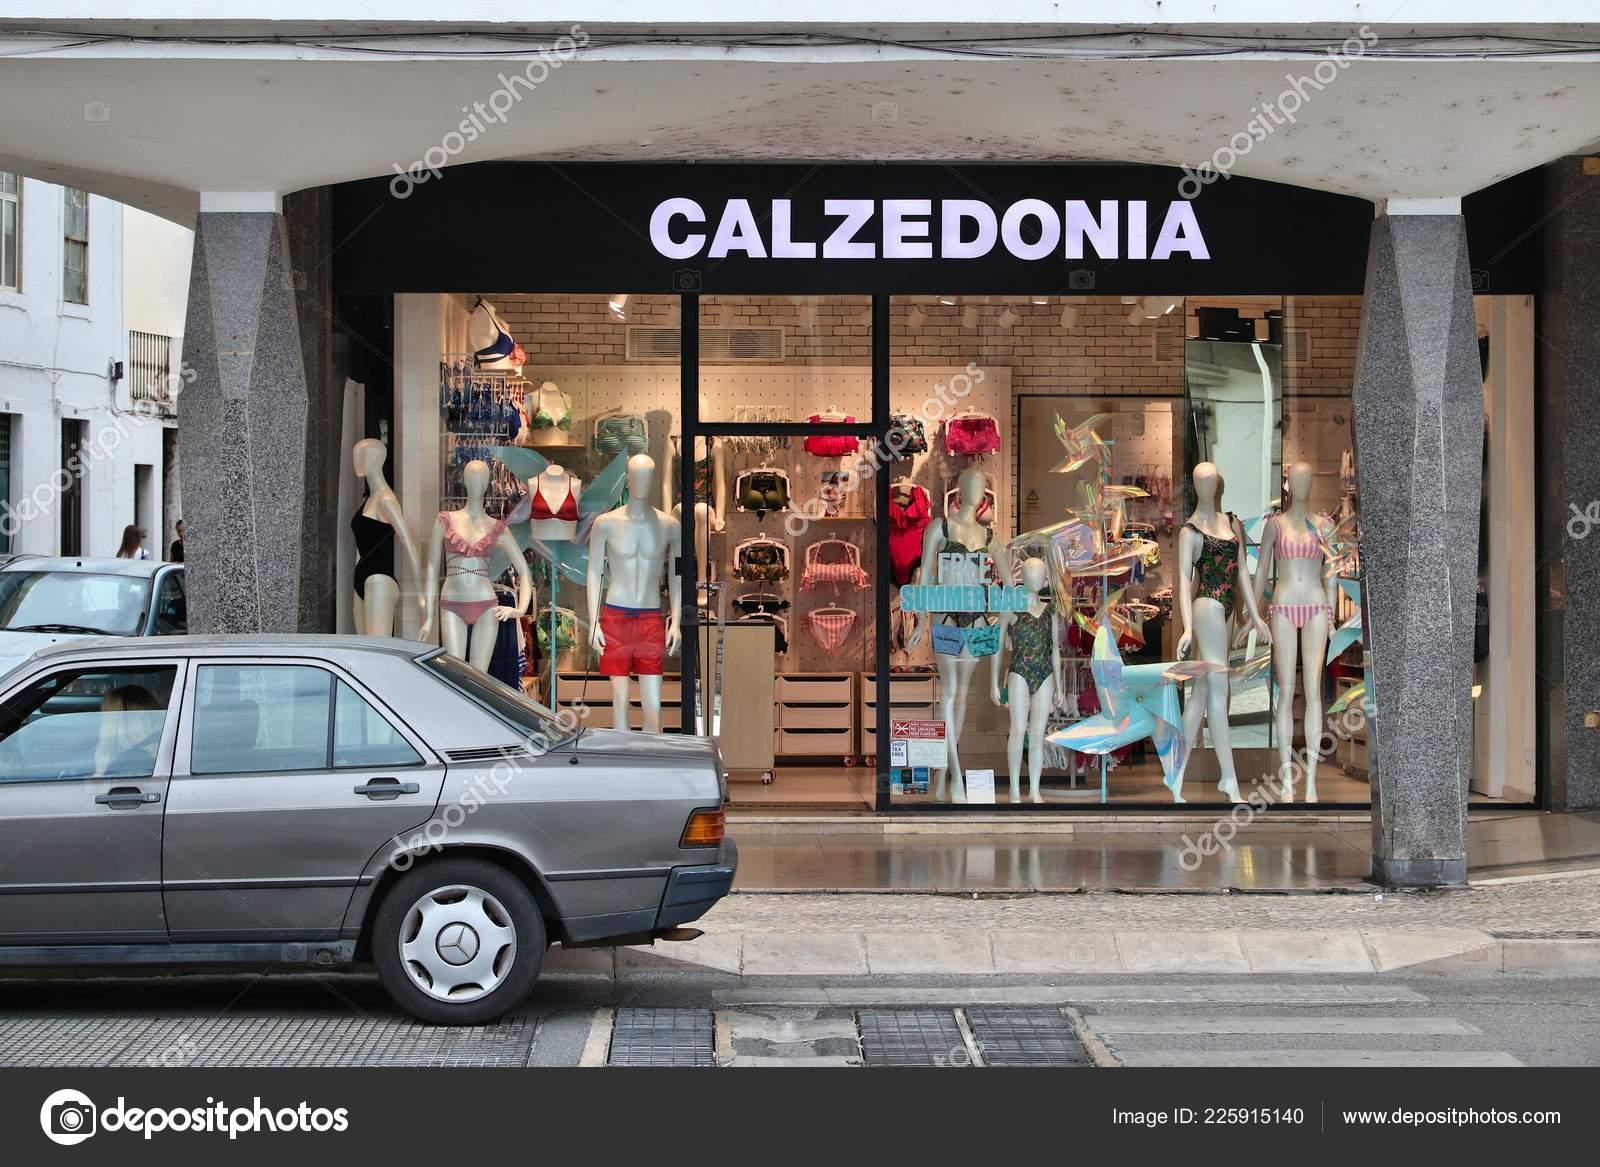 6b120ec09 Faro, Portugal - 30 de maio de 2018: Calzedonia lingerie e roupa interior  loja em Faro, Portugal. Calzedonia é uma marca de moda italiana com 1.750  lojas ...